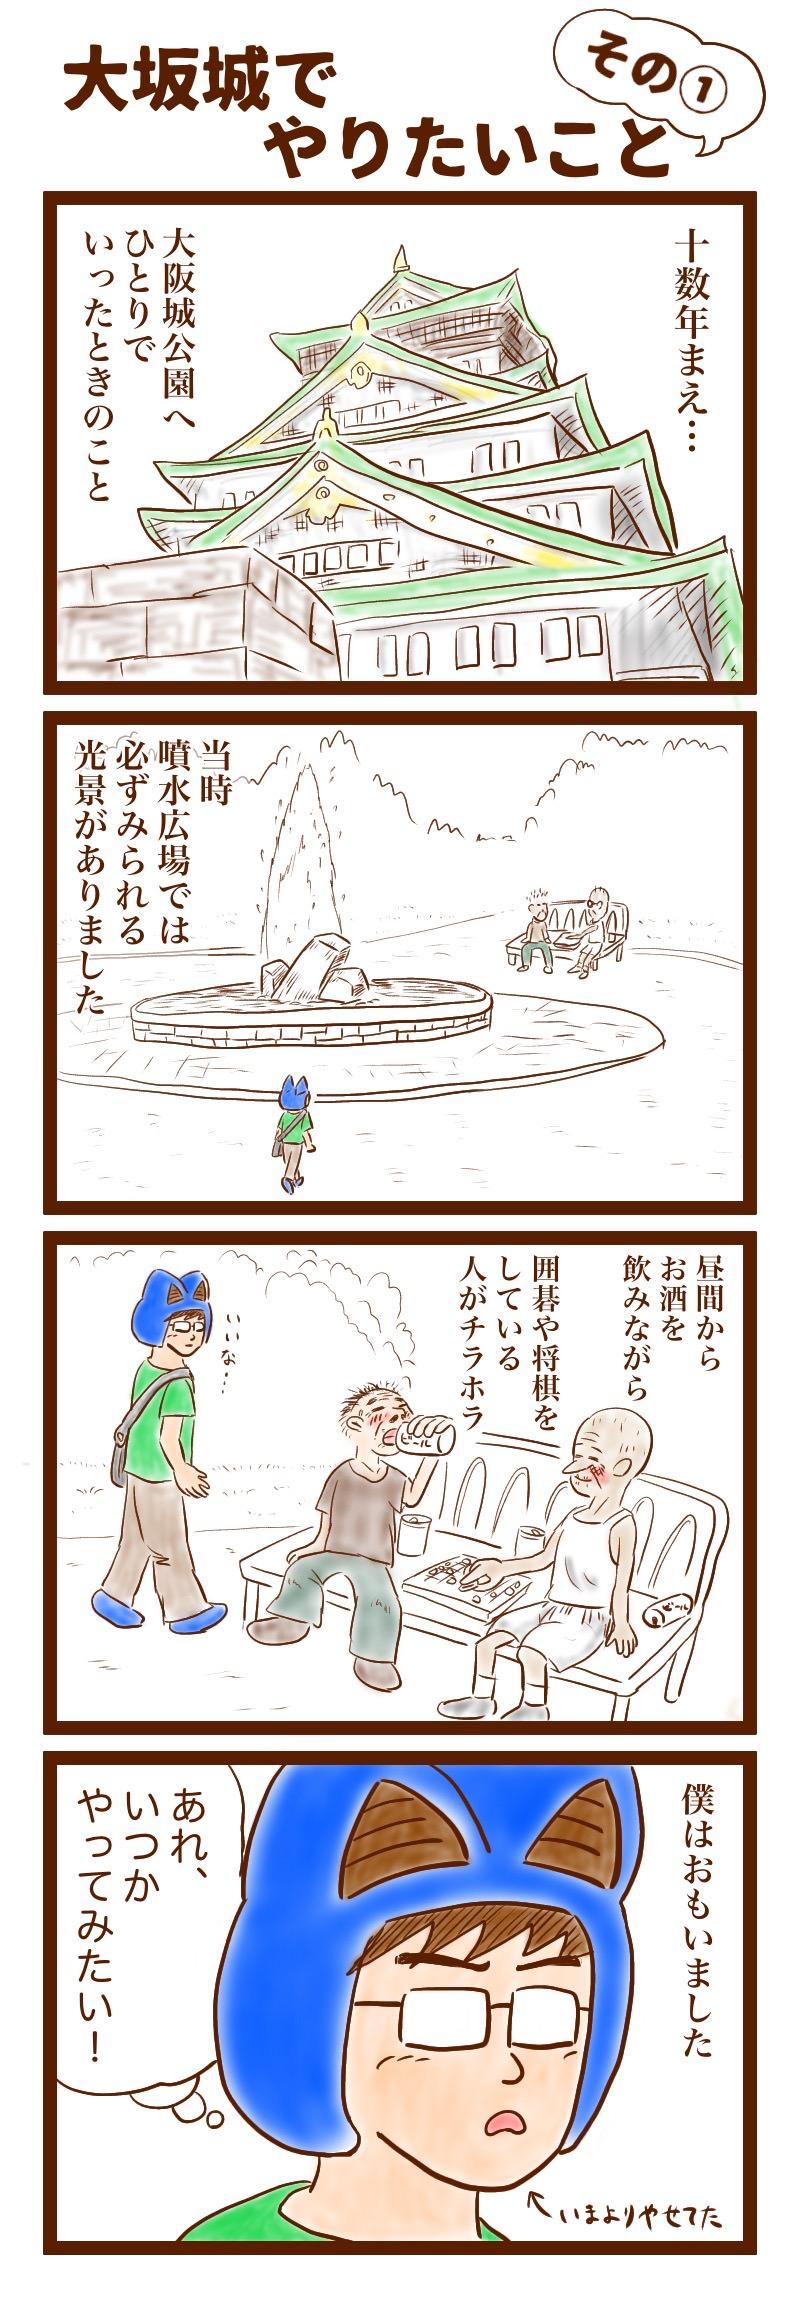 大坂城でやりたいこと1